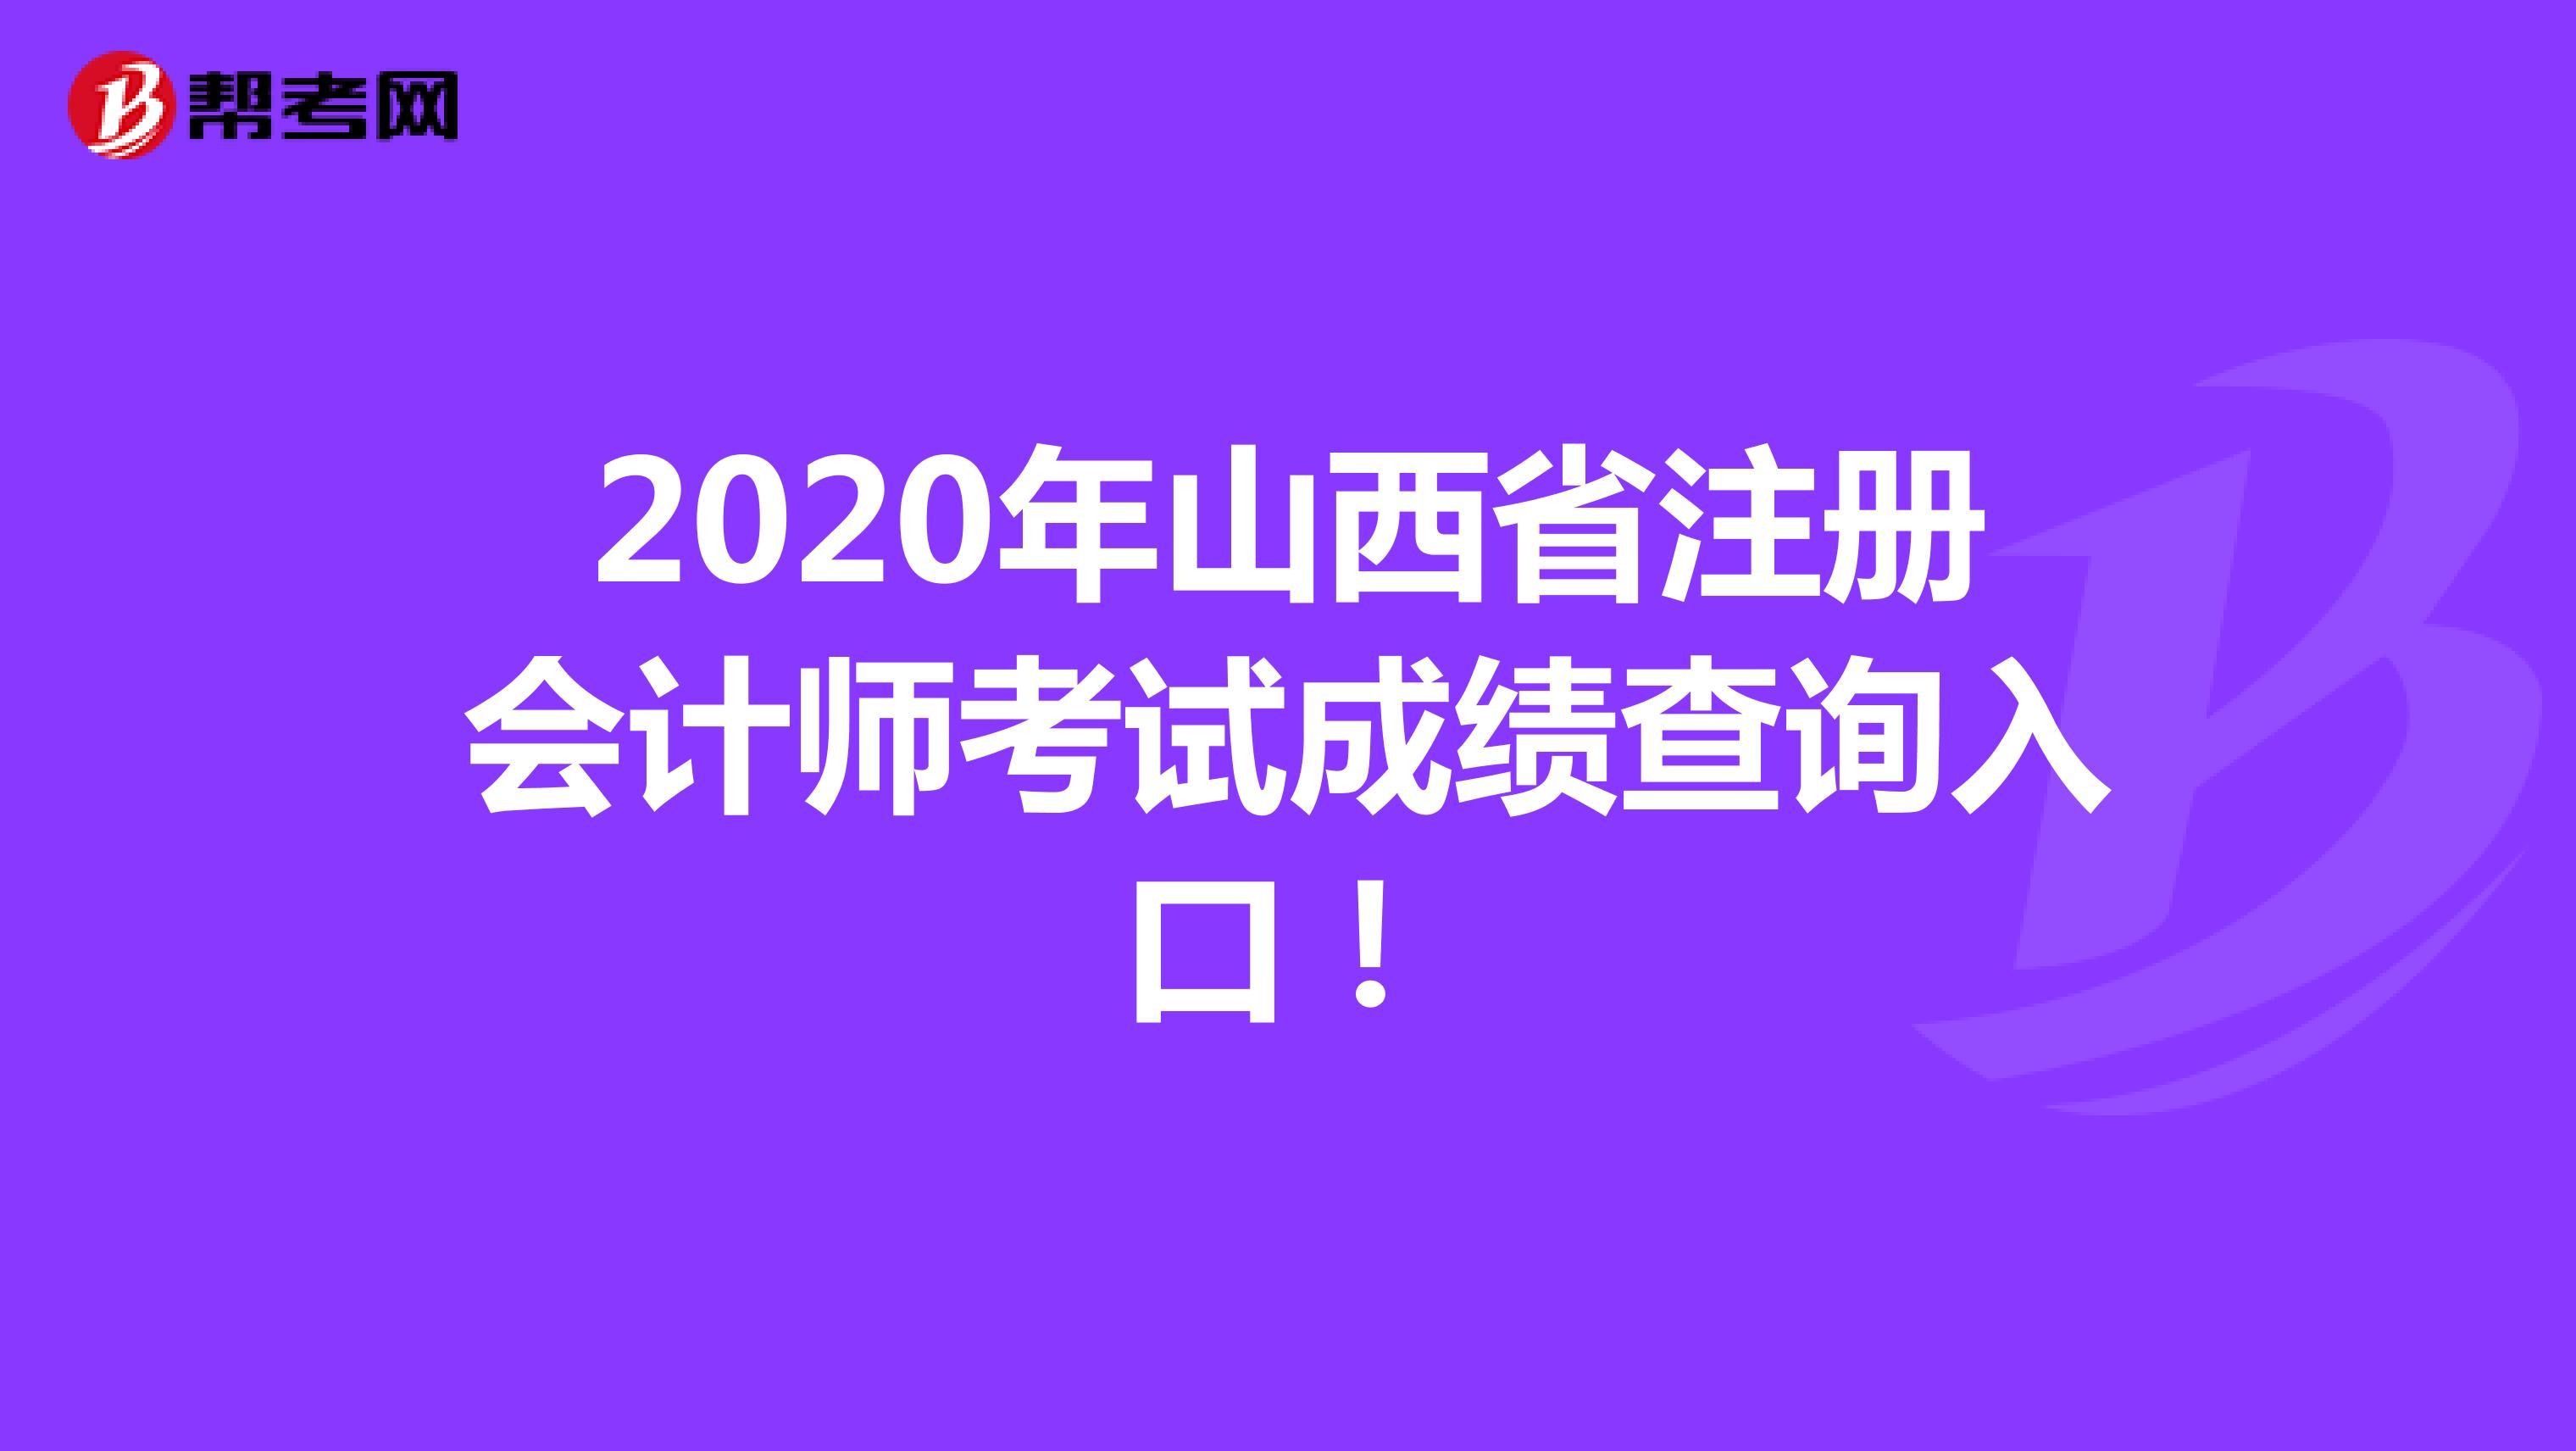 2020年山西省注冊會計師考試成績查詢入口!